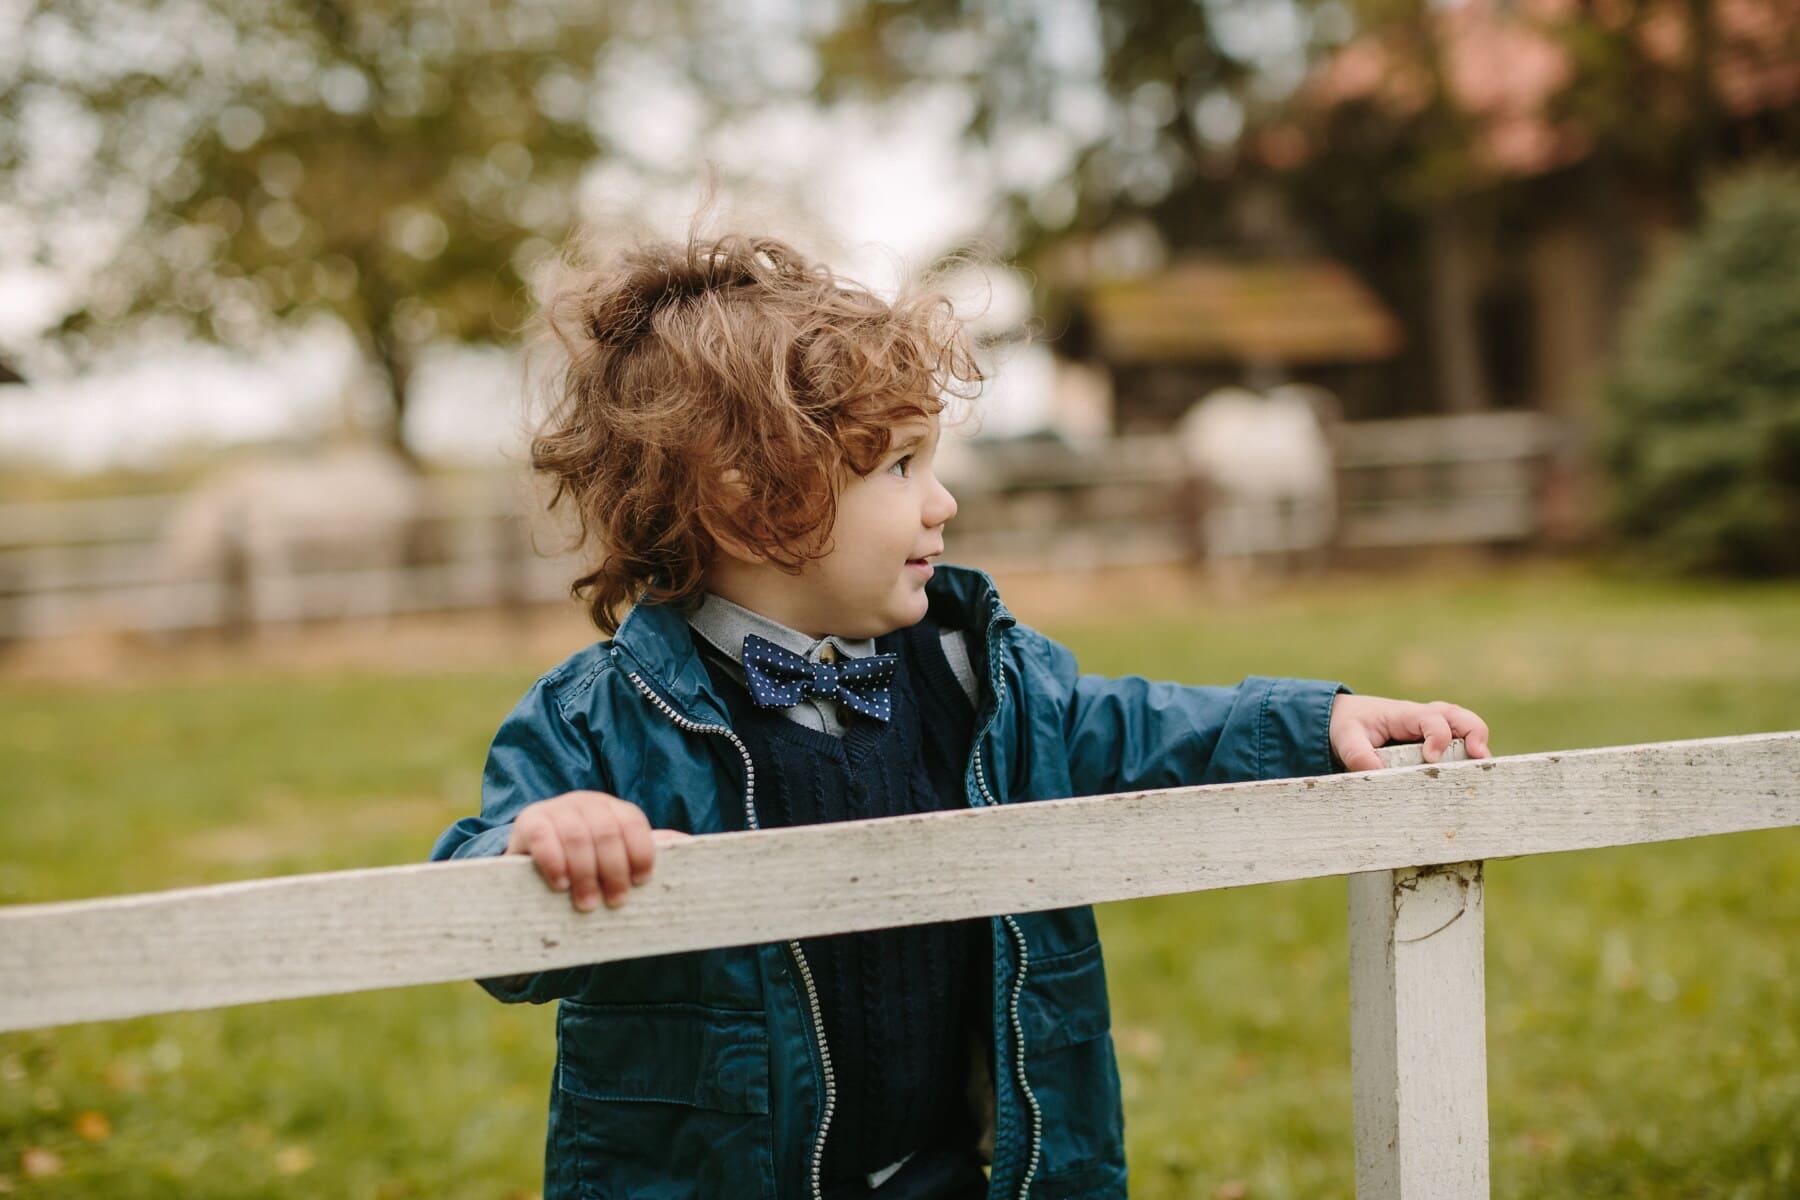 enfant en bas âge, garçon, debout, clôture en lisse, village, campagne, mode, nœud papillon, enfant, mignon